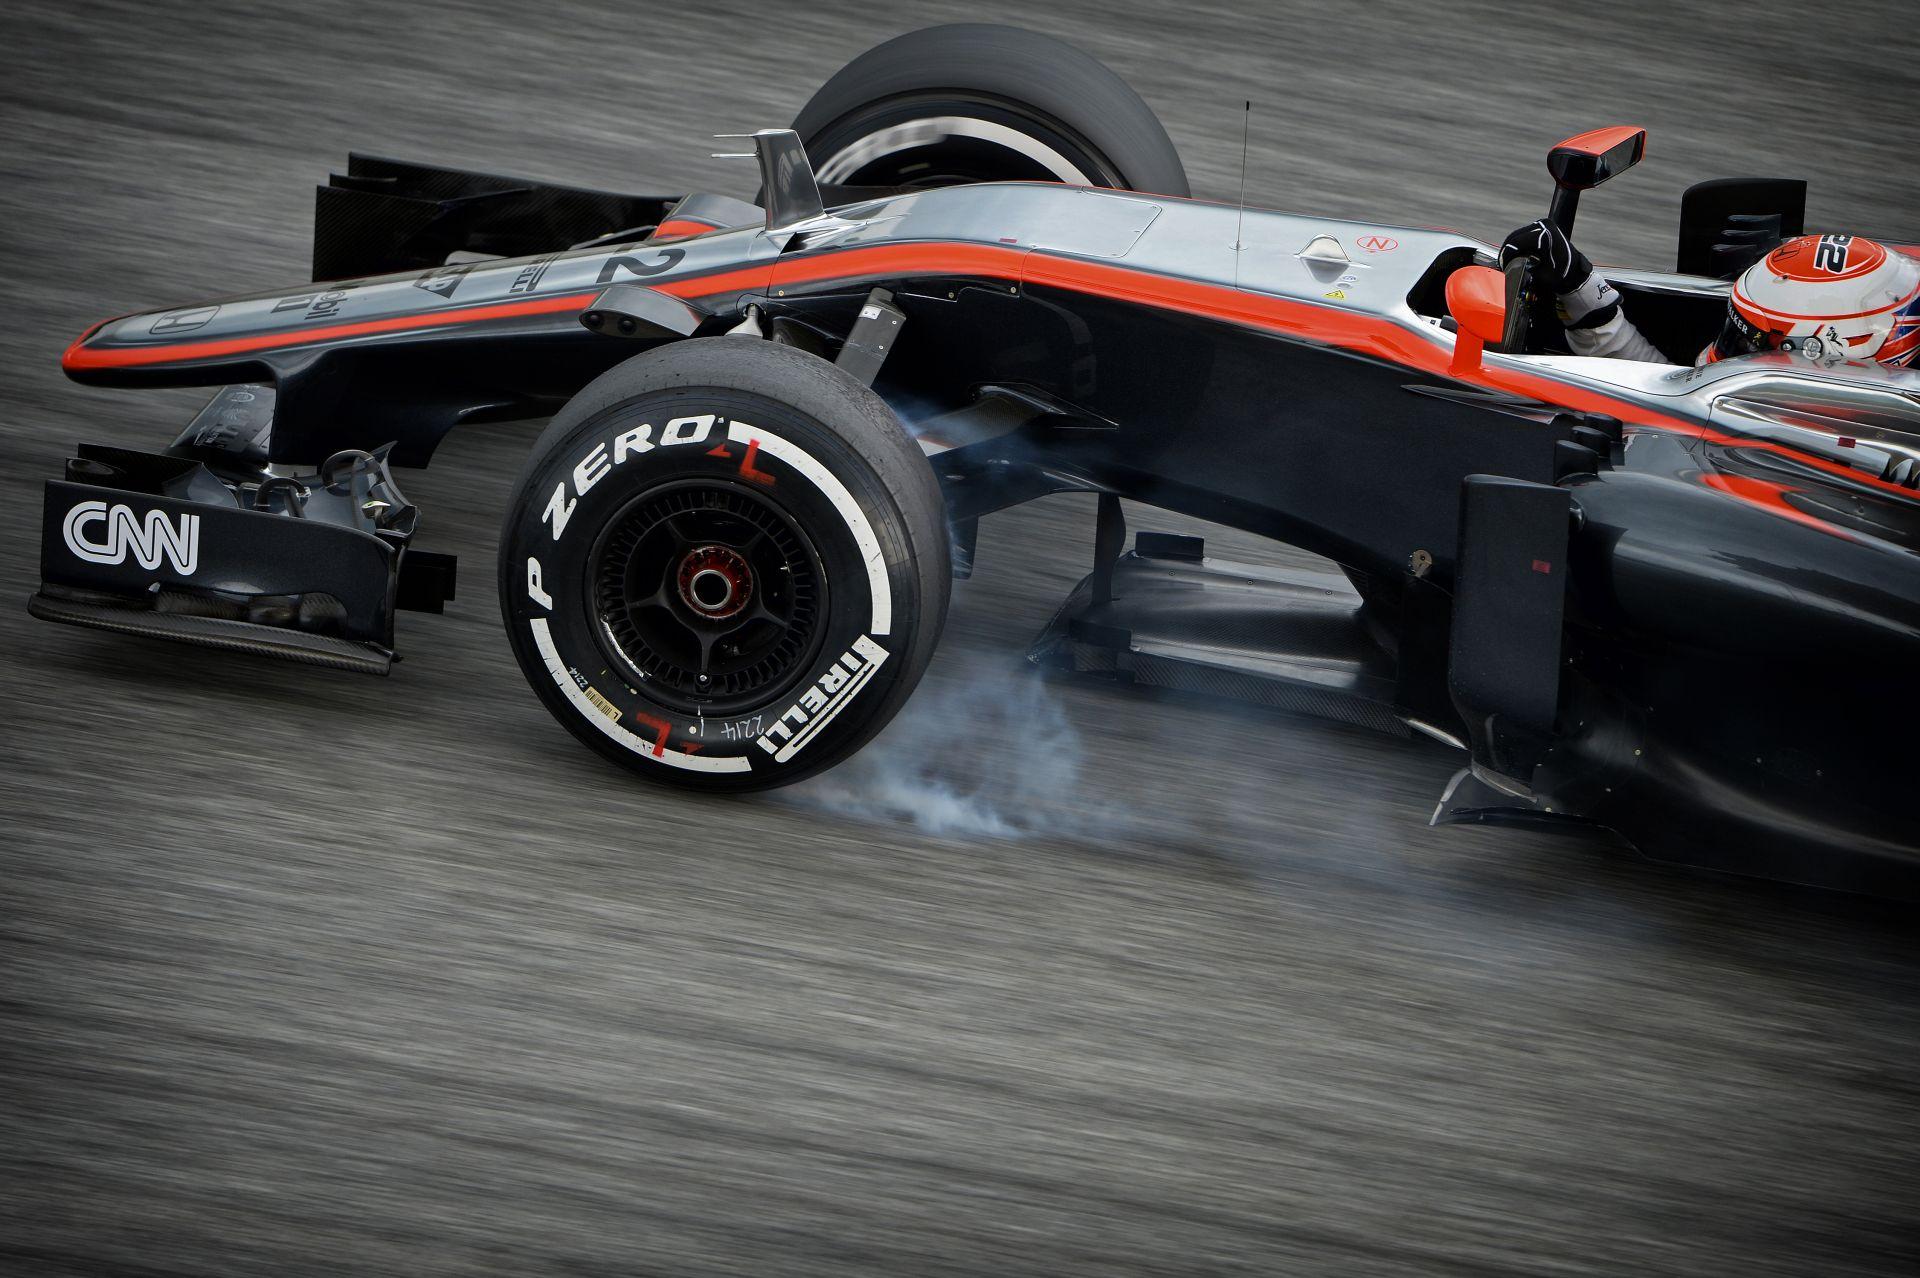 Rossz hír: Button autójában elszállt a Honda motor, cserélni kell